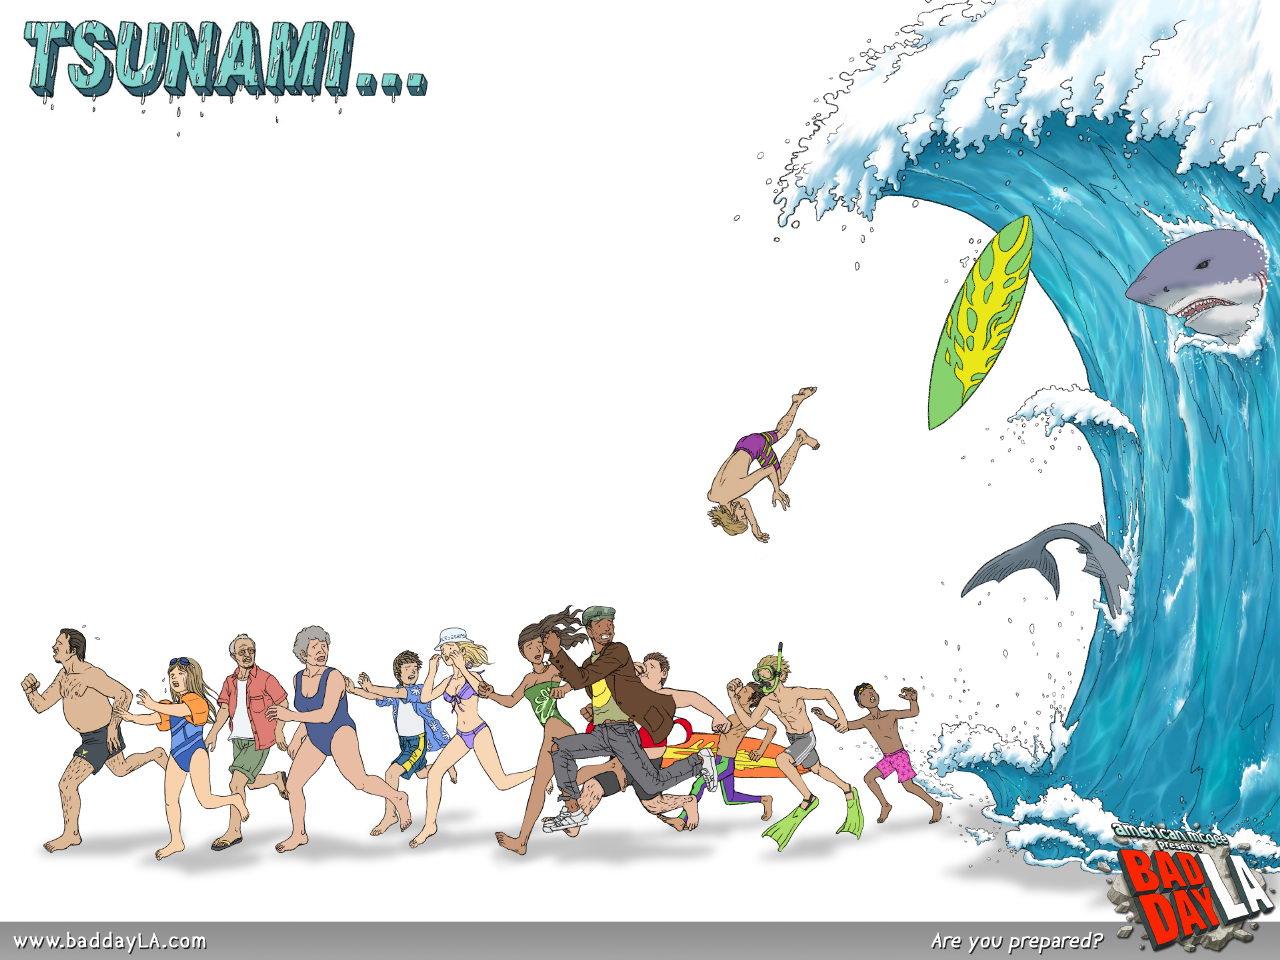 Tsunami clipart funny Com for Platforms gba cartoon